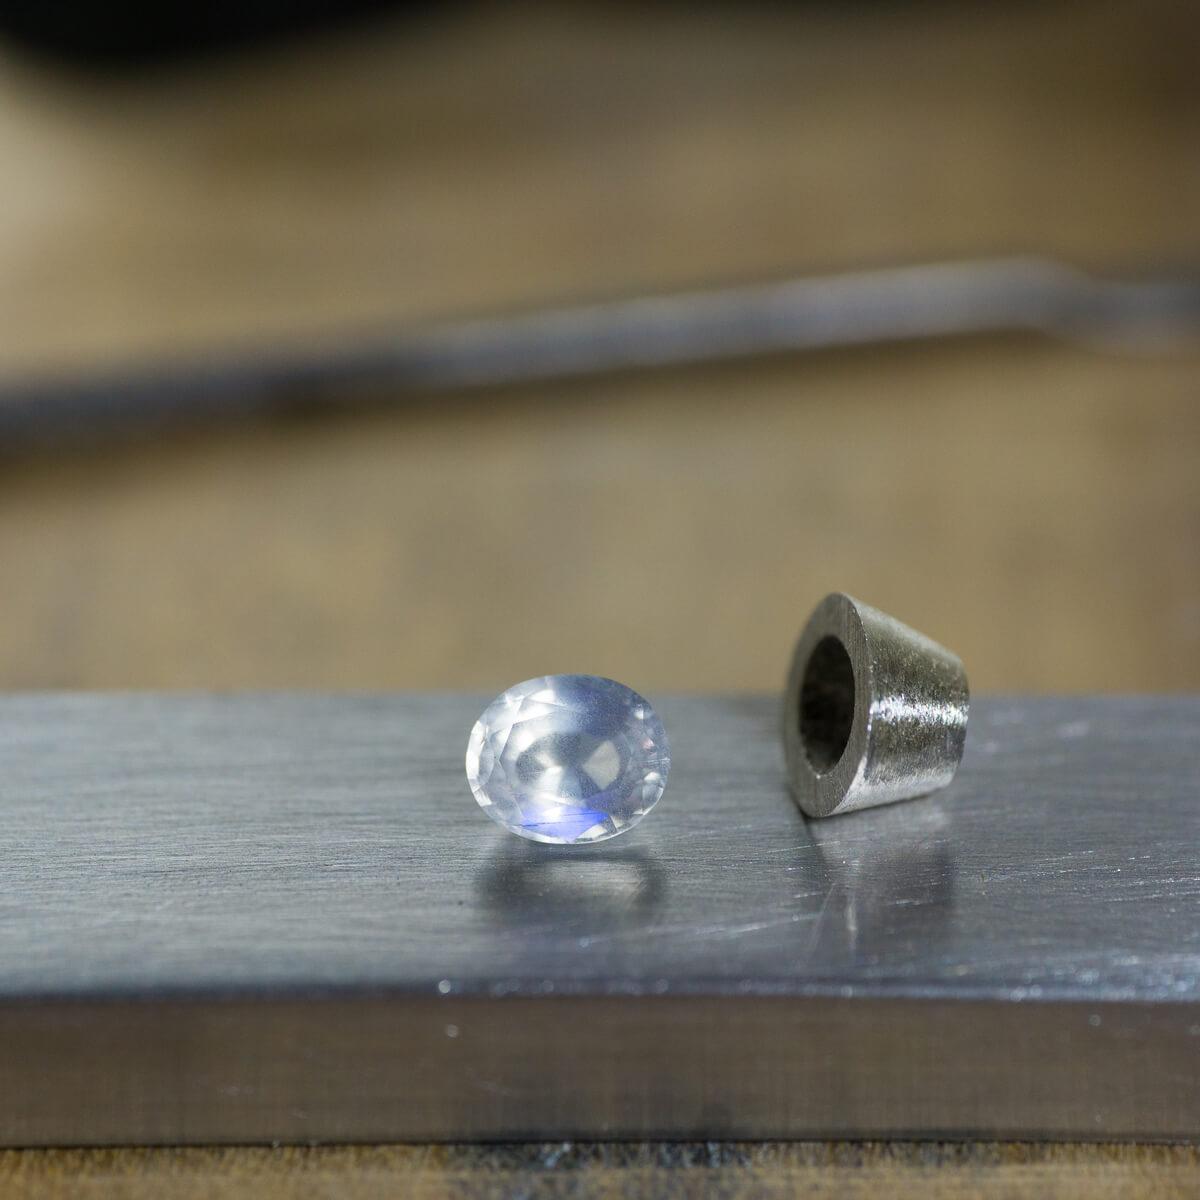 ジュエリーのアトリエにムーンストーン、シルバーの石枠 オーダーメイドマリッジリングの制作風景 屋久島でつくる結婚指輪